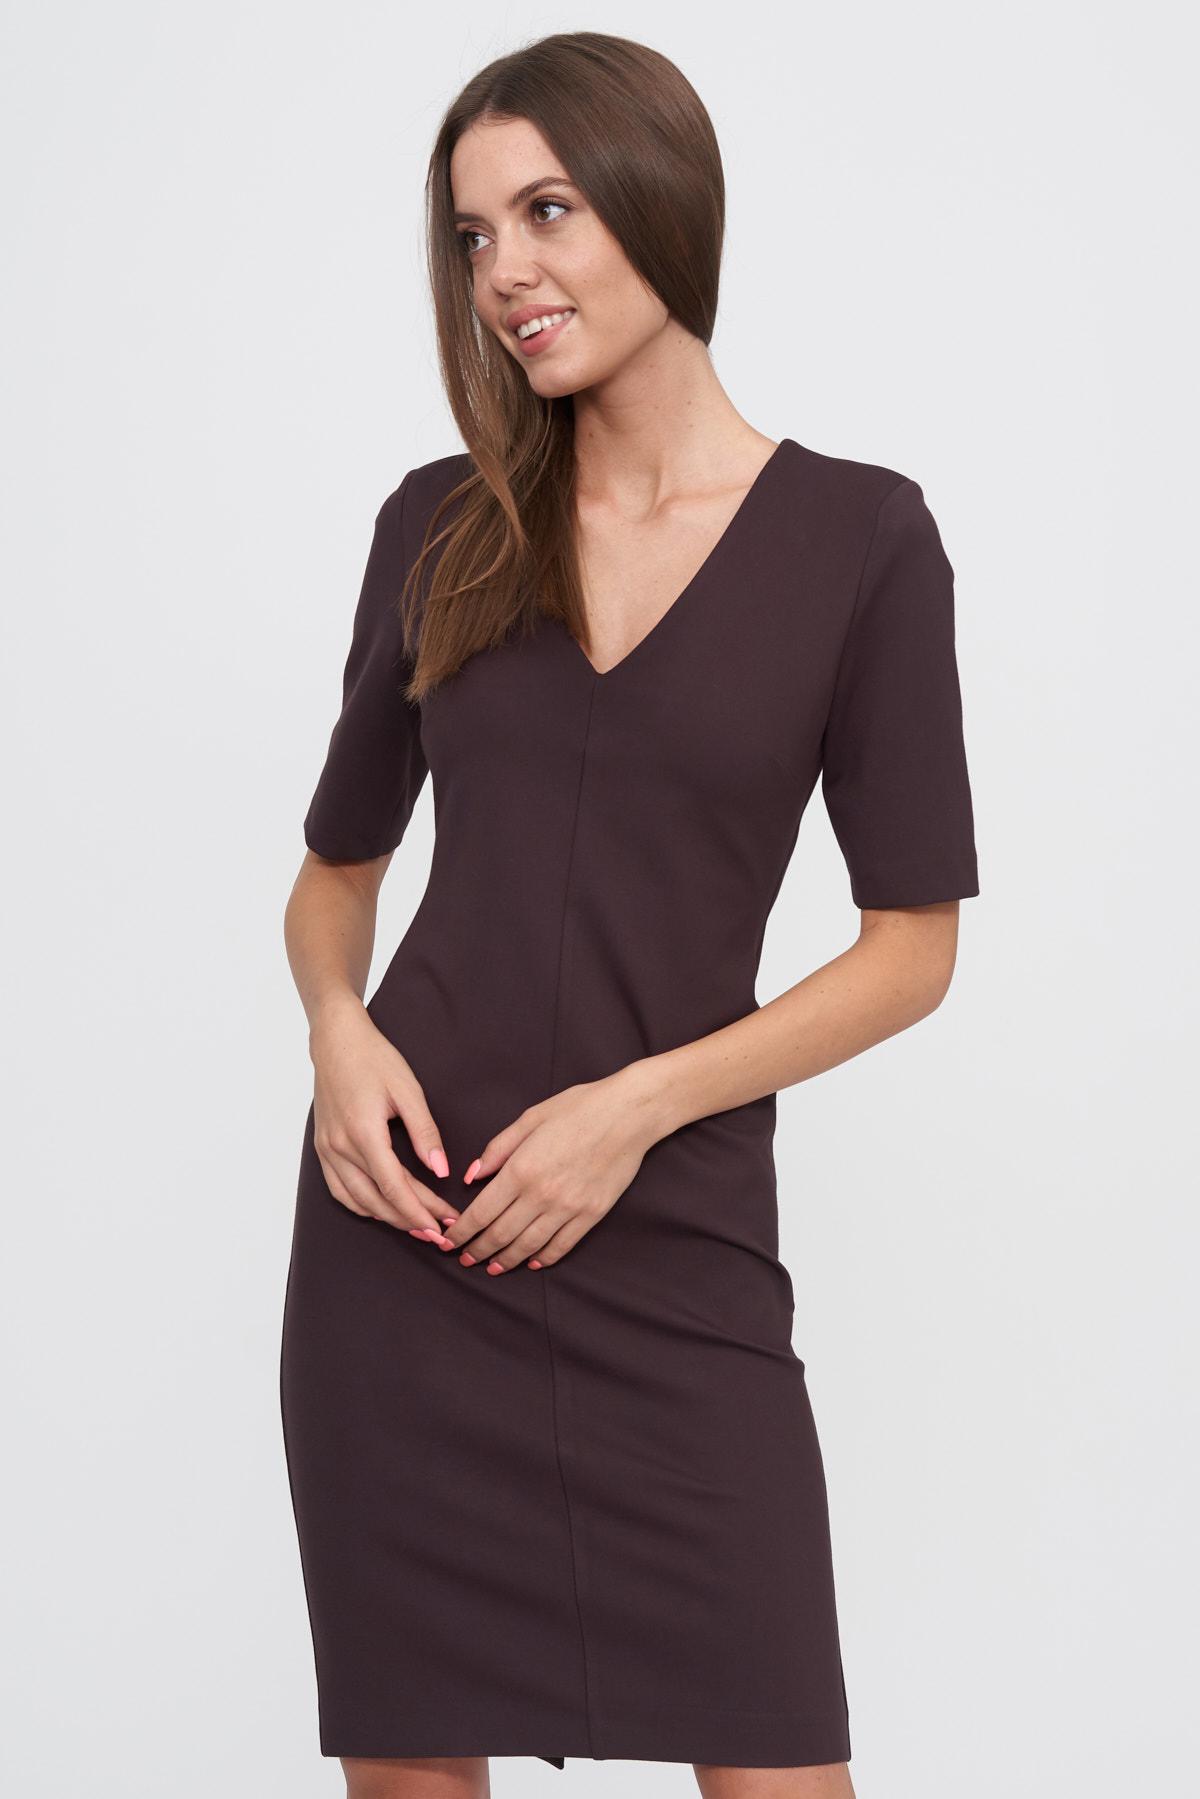 Платье женские Natali Bolgar модель 19042TR265 приобрести, 2017